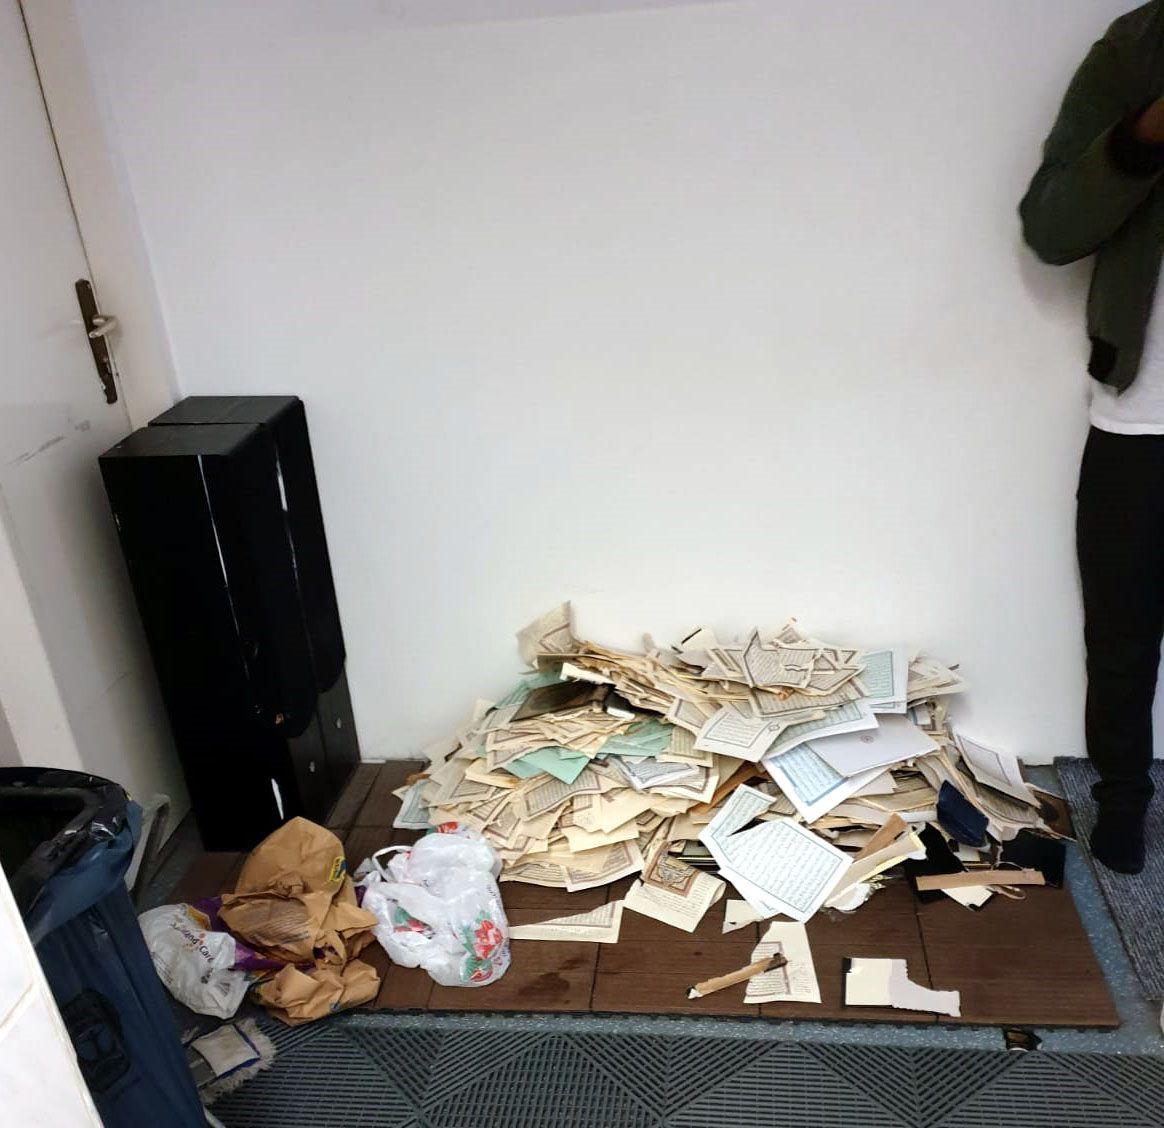 İslam'a iğrenç saldırı! Kuran sayfalarını yırtıp klozetin üzerine koydular